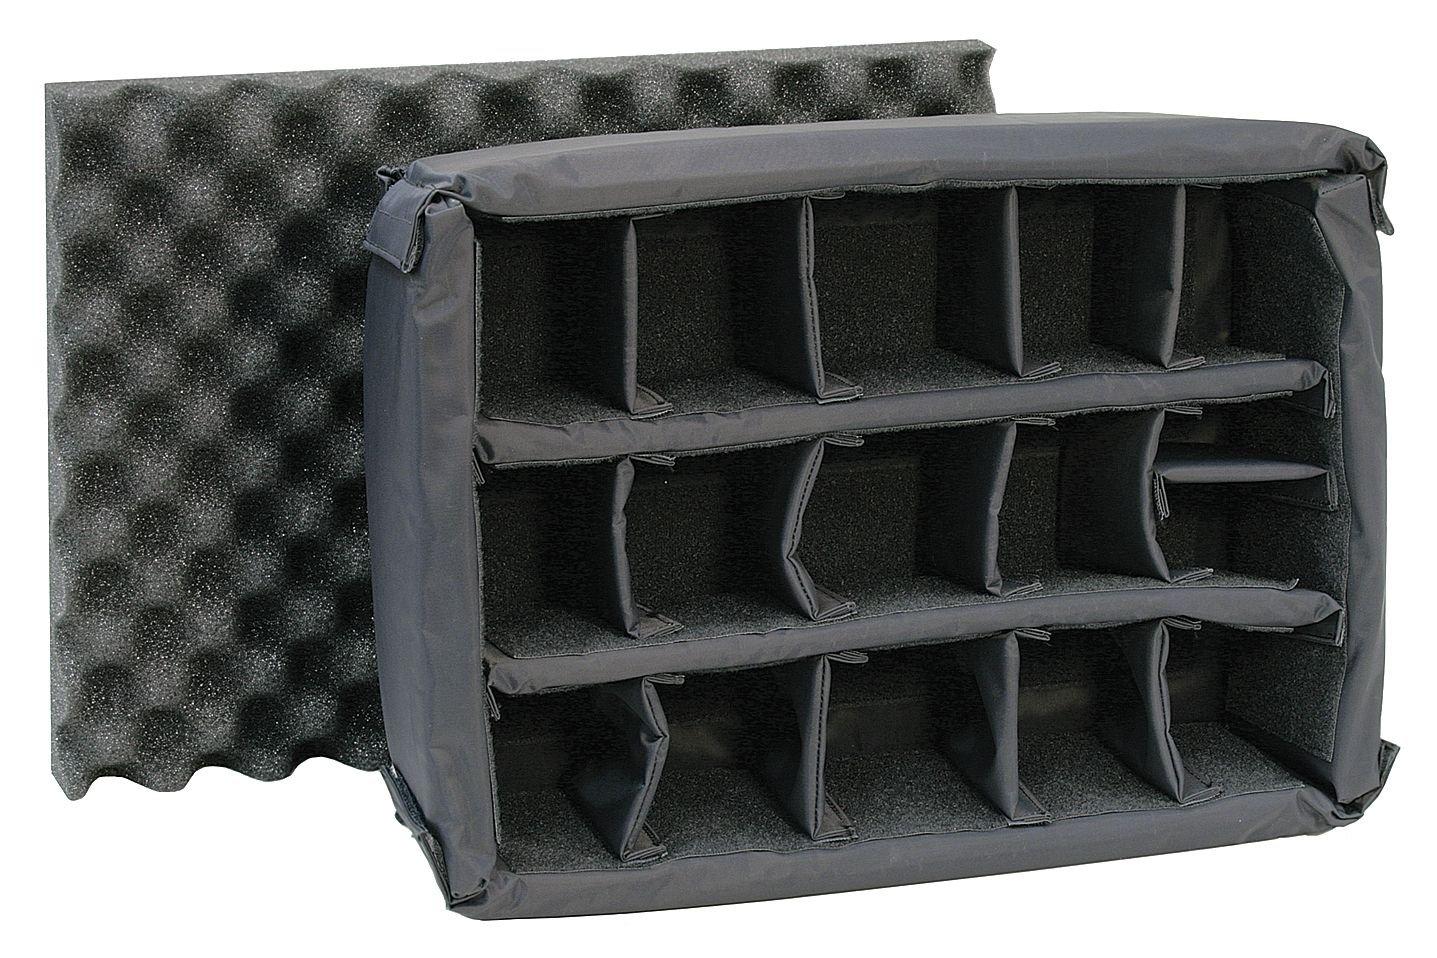 Padded Divider for 930 Nanuk Case by Nanuk